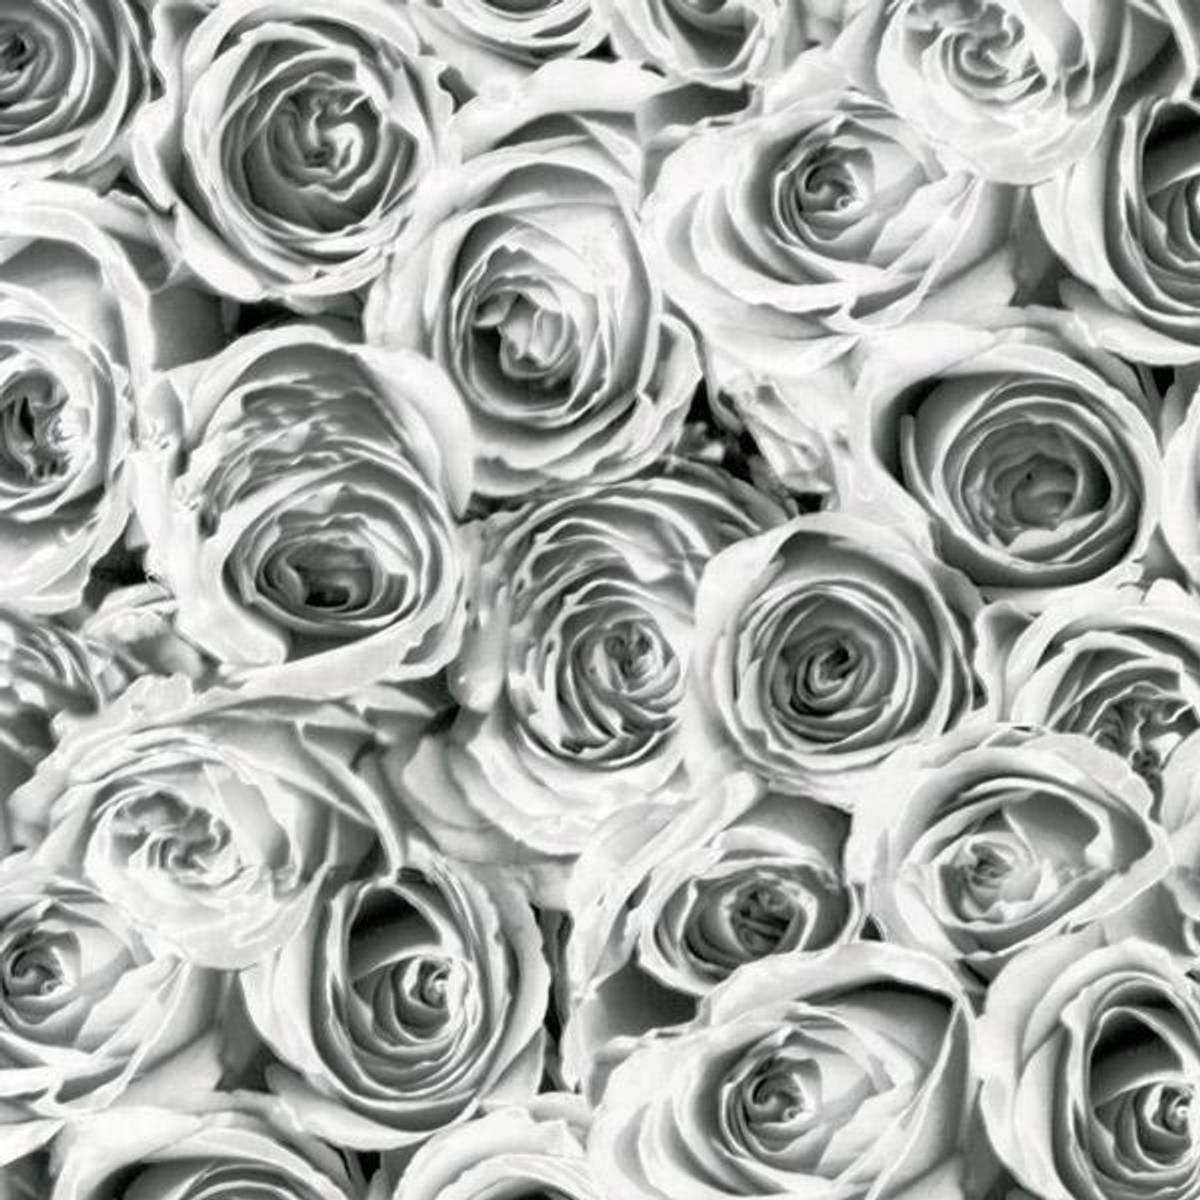 Vareprøve: Rose garden kontaktplast